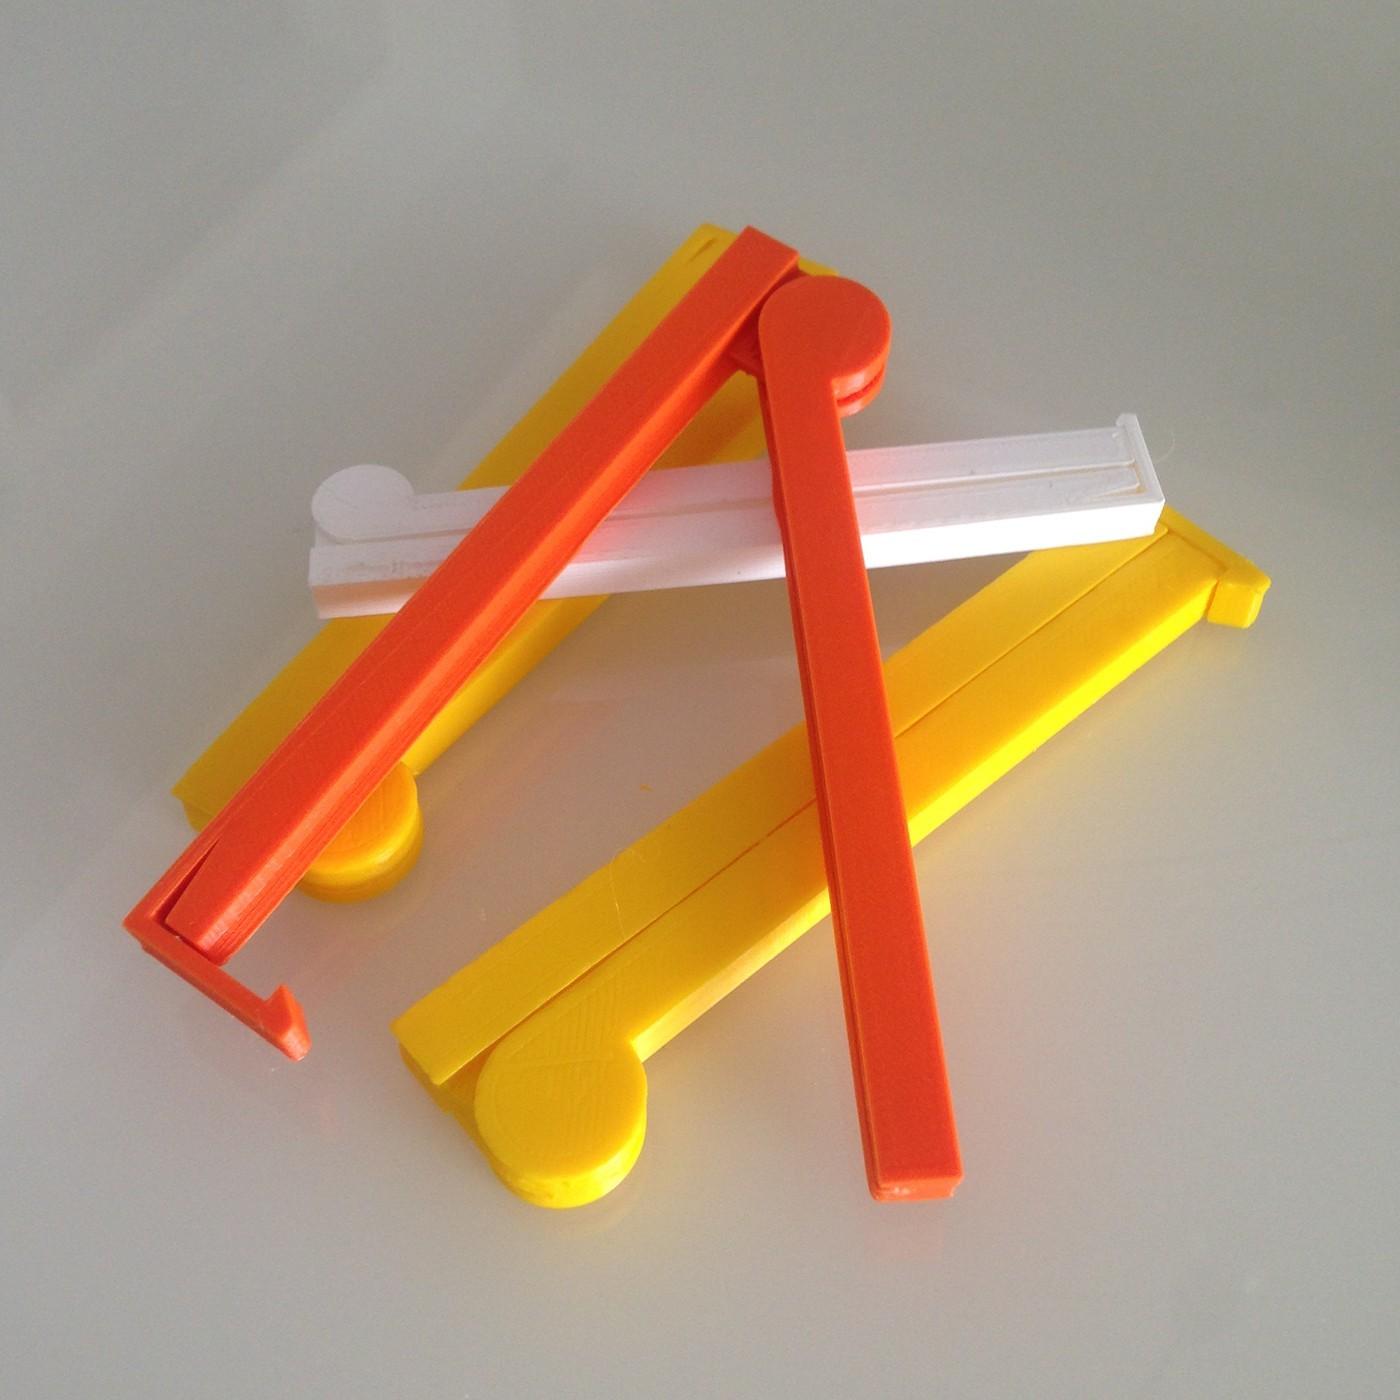 04Clips.jpg Download free STL file BAG CLIP - New 2019 Design • 3D printing design, atornago